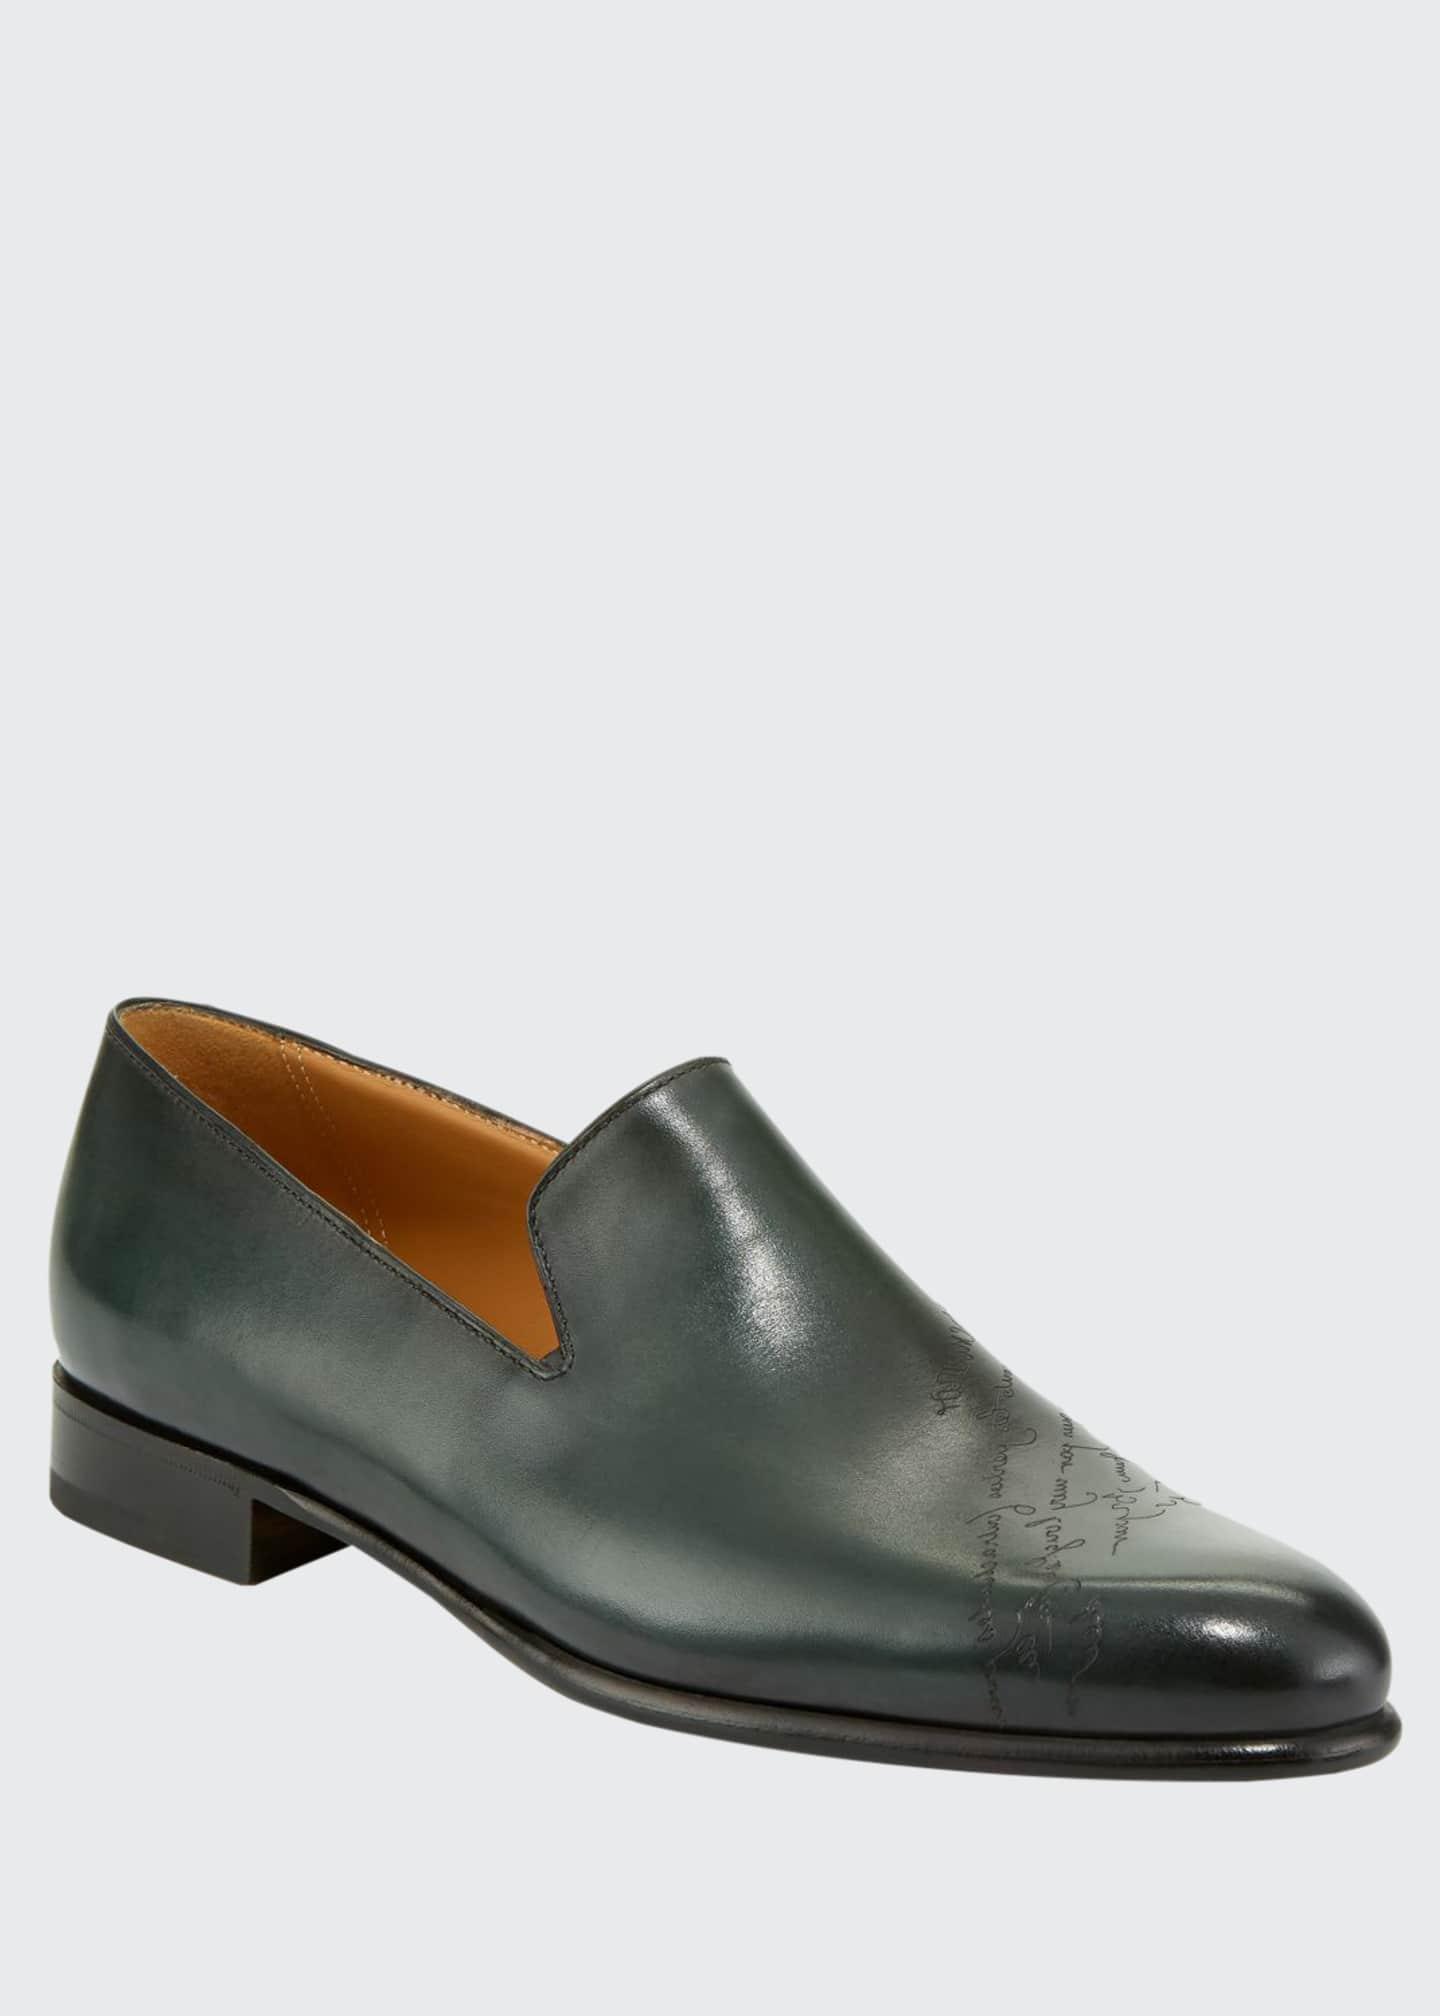 Berluti Men's Cambridge Scritto Leather Slip-On Dress Shoes